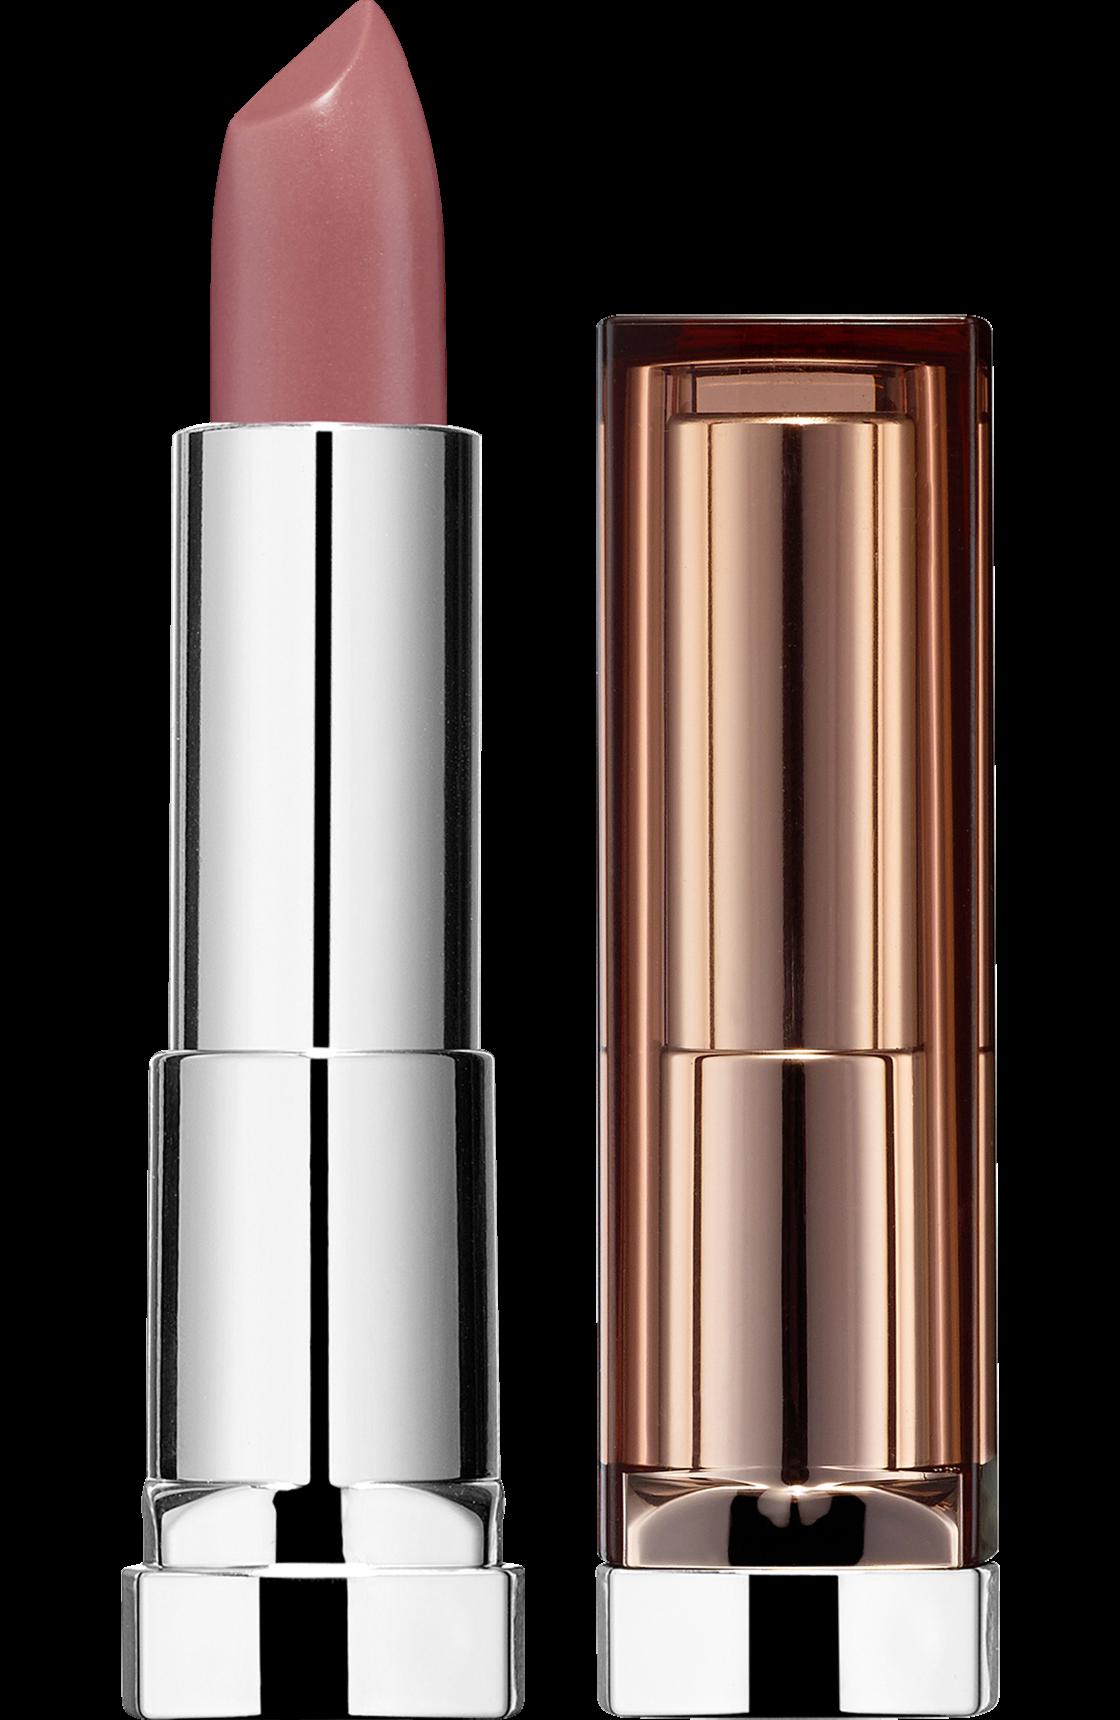 Maybelline New York Lipstick Color Sensational Blushed Nudes Pink Flin 207, 4.4 g dm.de